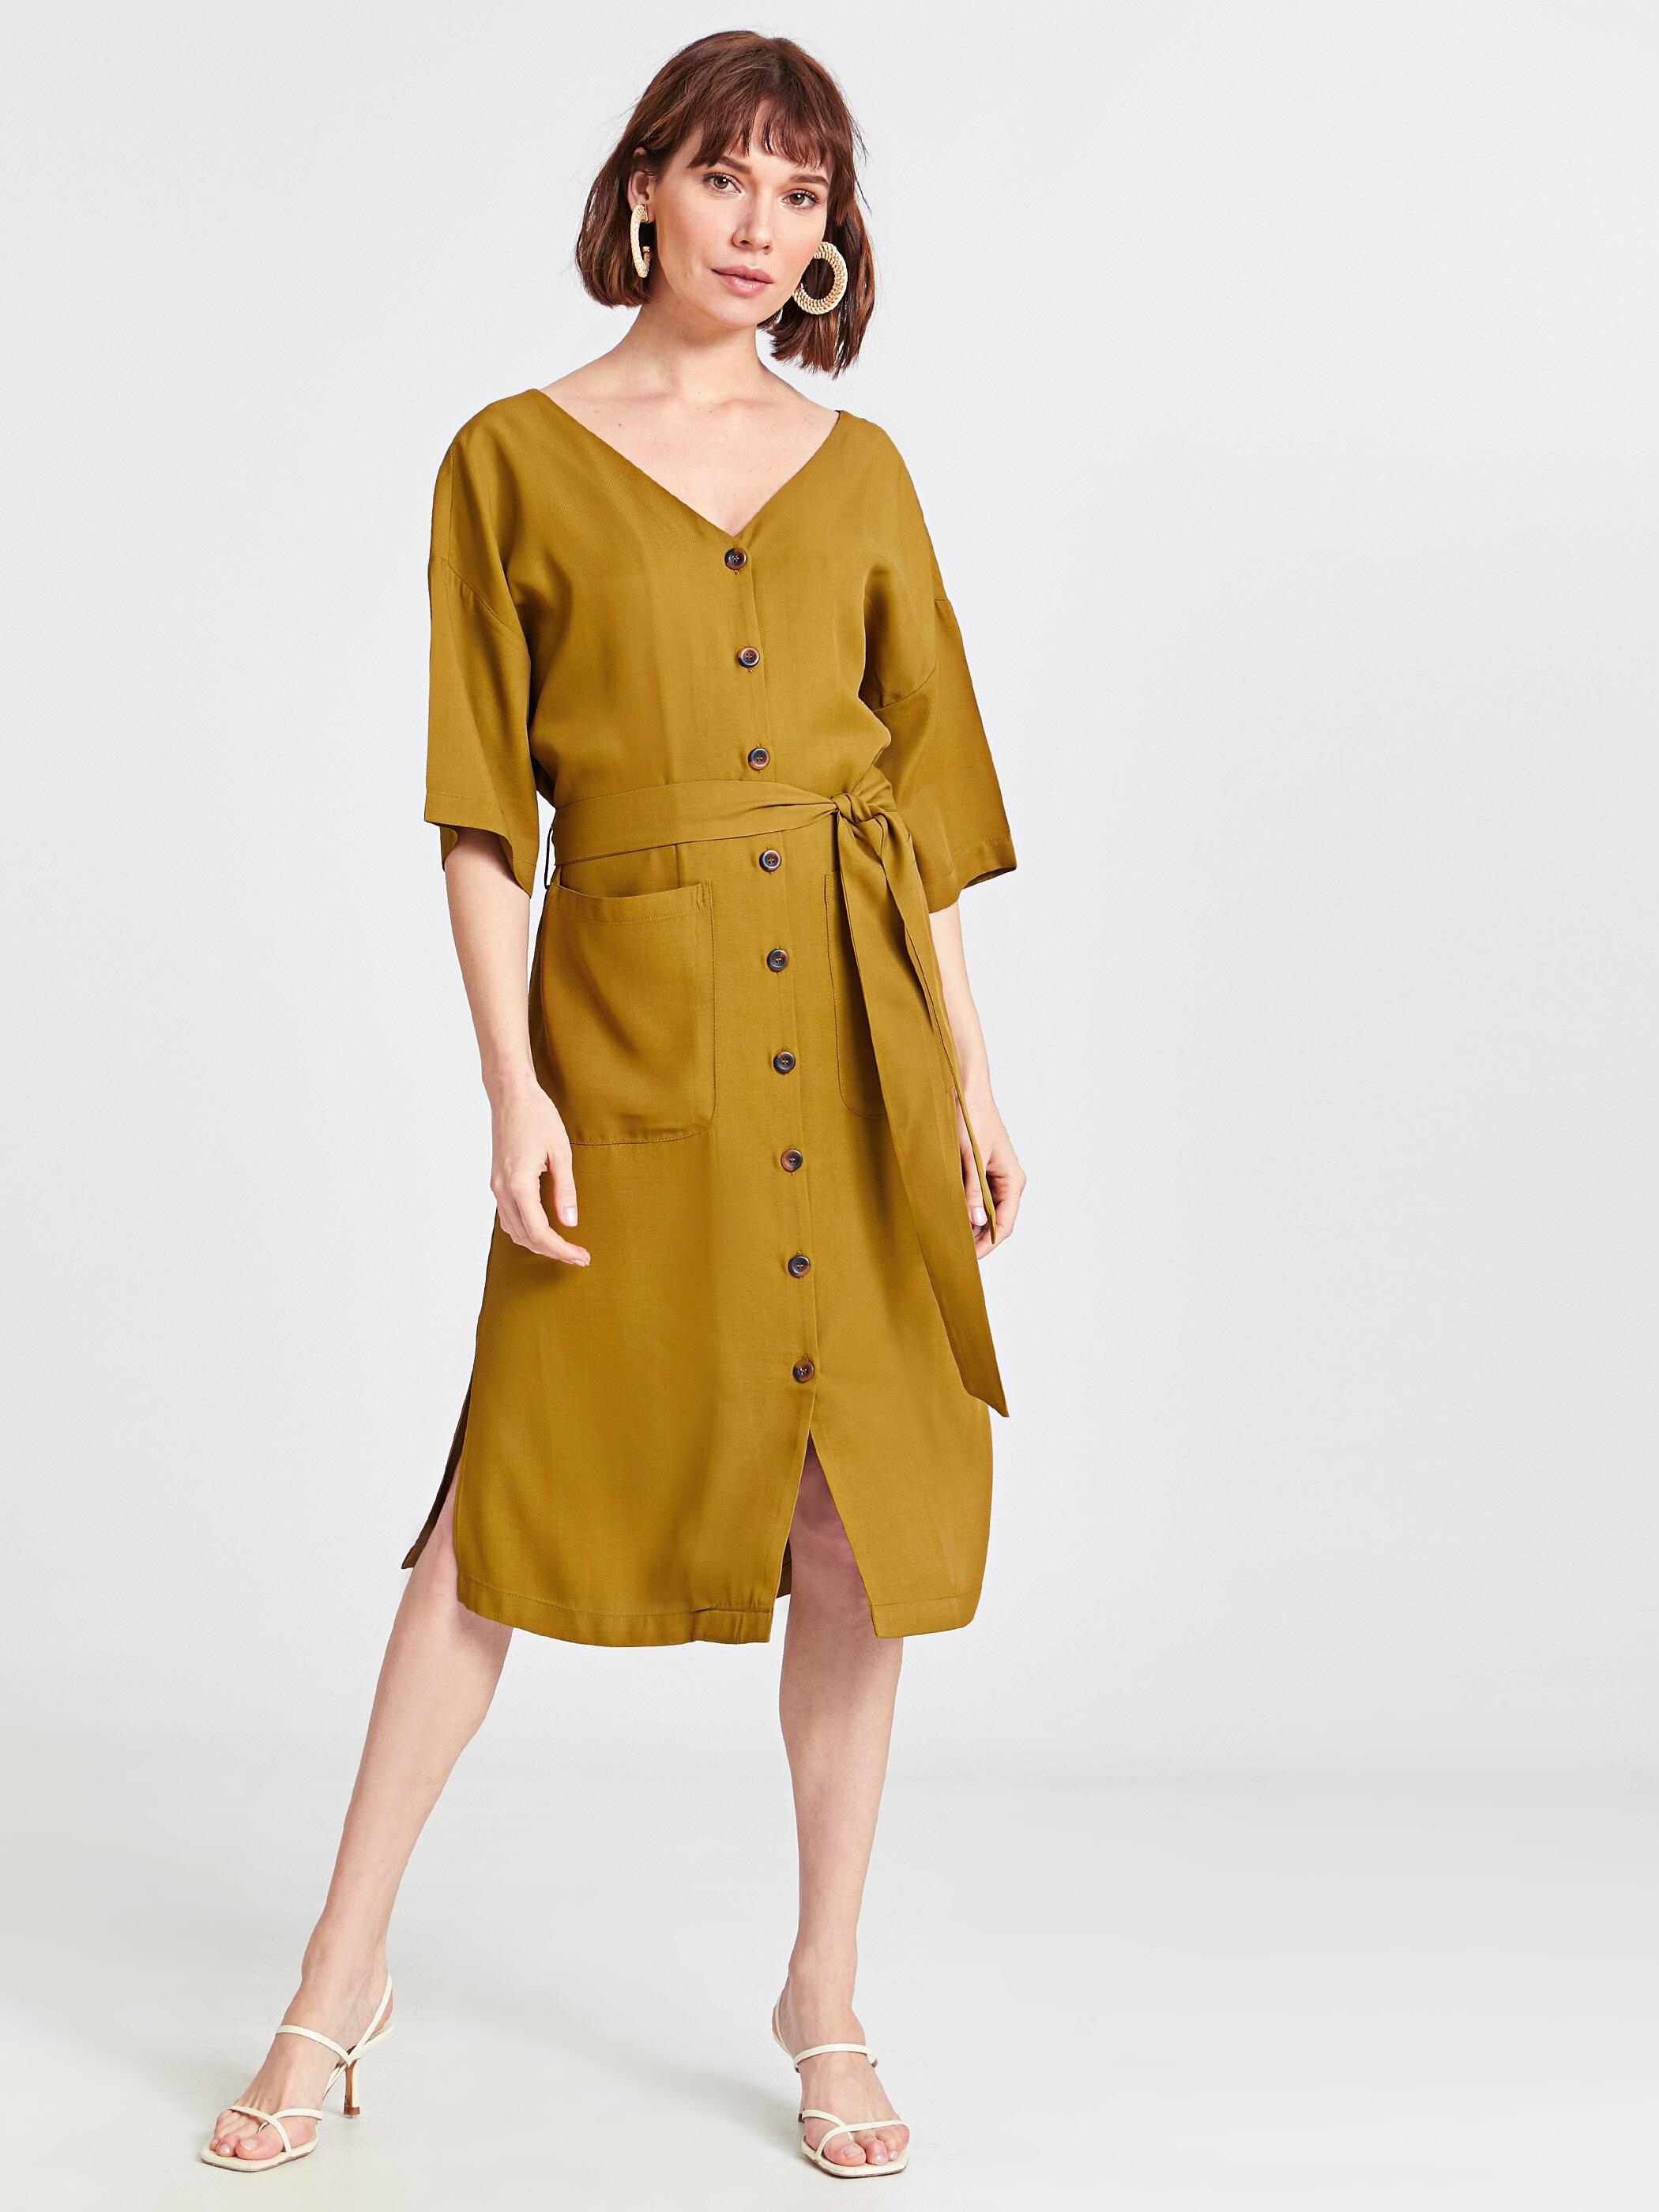 Beli Bağlama Detaylı Viskon Elbise -9S6552Z8-H7S